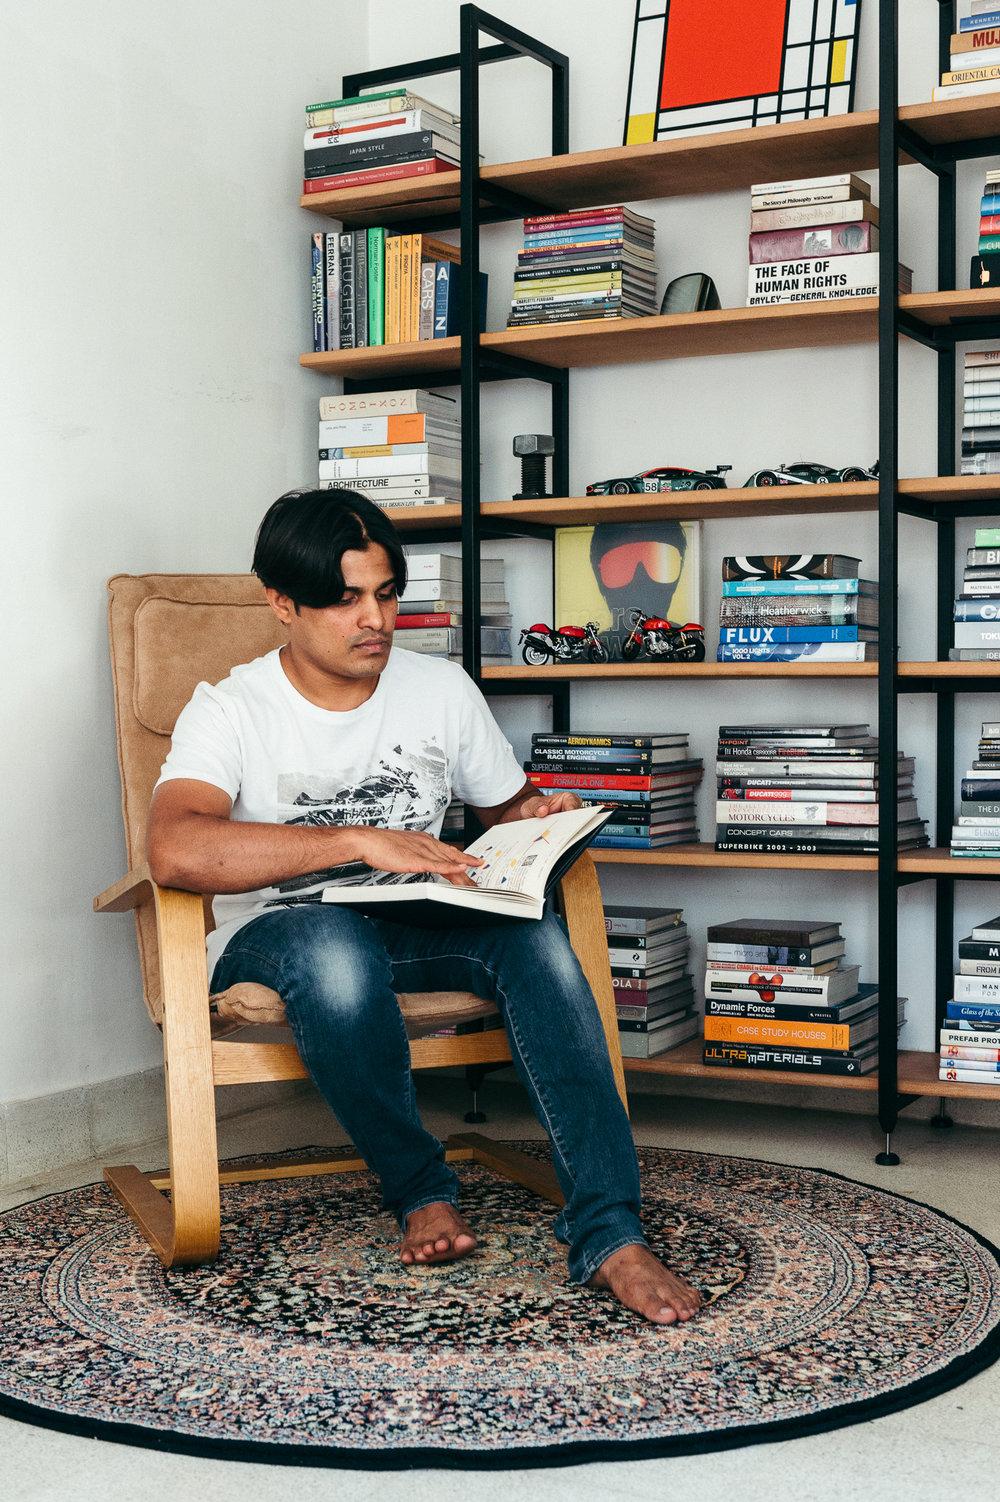 Freunde-von-Freunden-Saif-Faisal-1544.jpg